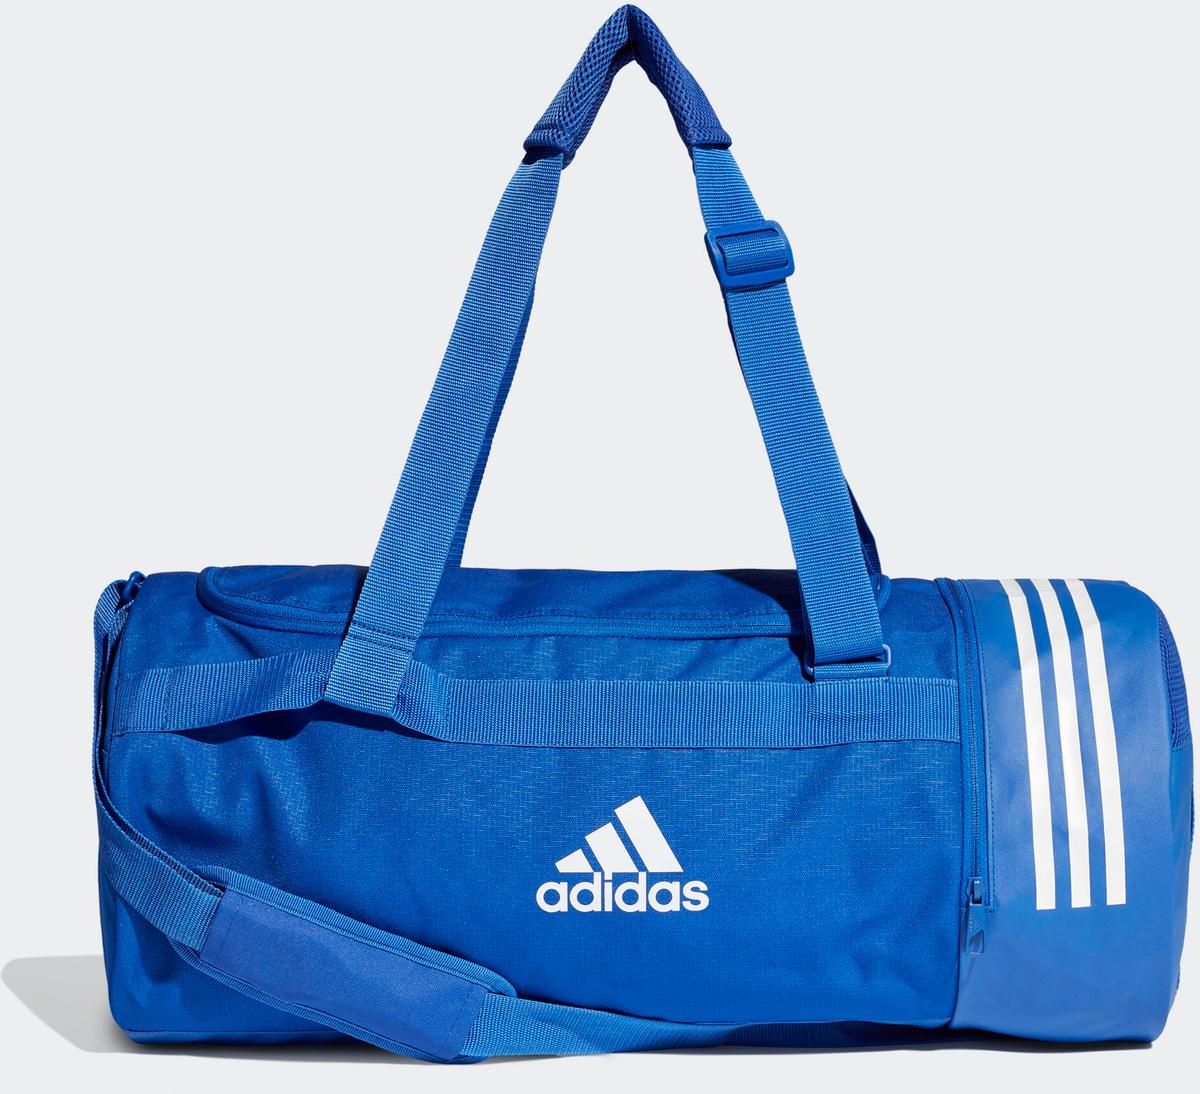 a75e0c284688 Сумка Adidas Cvrt 3S Duf M, цвет: голубой. DT8657 — купить в  интернет-магазине OZON.ru с быстрой доставкой